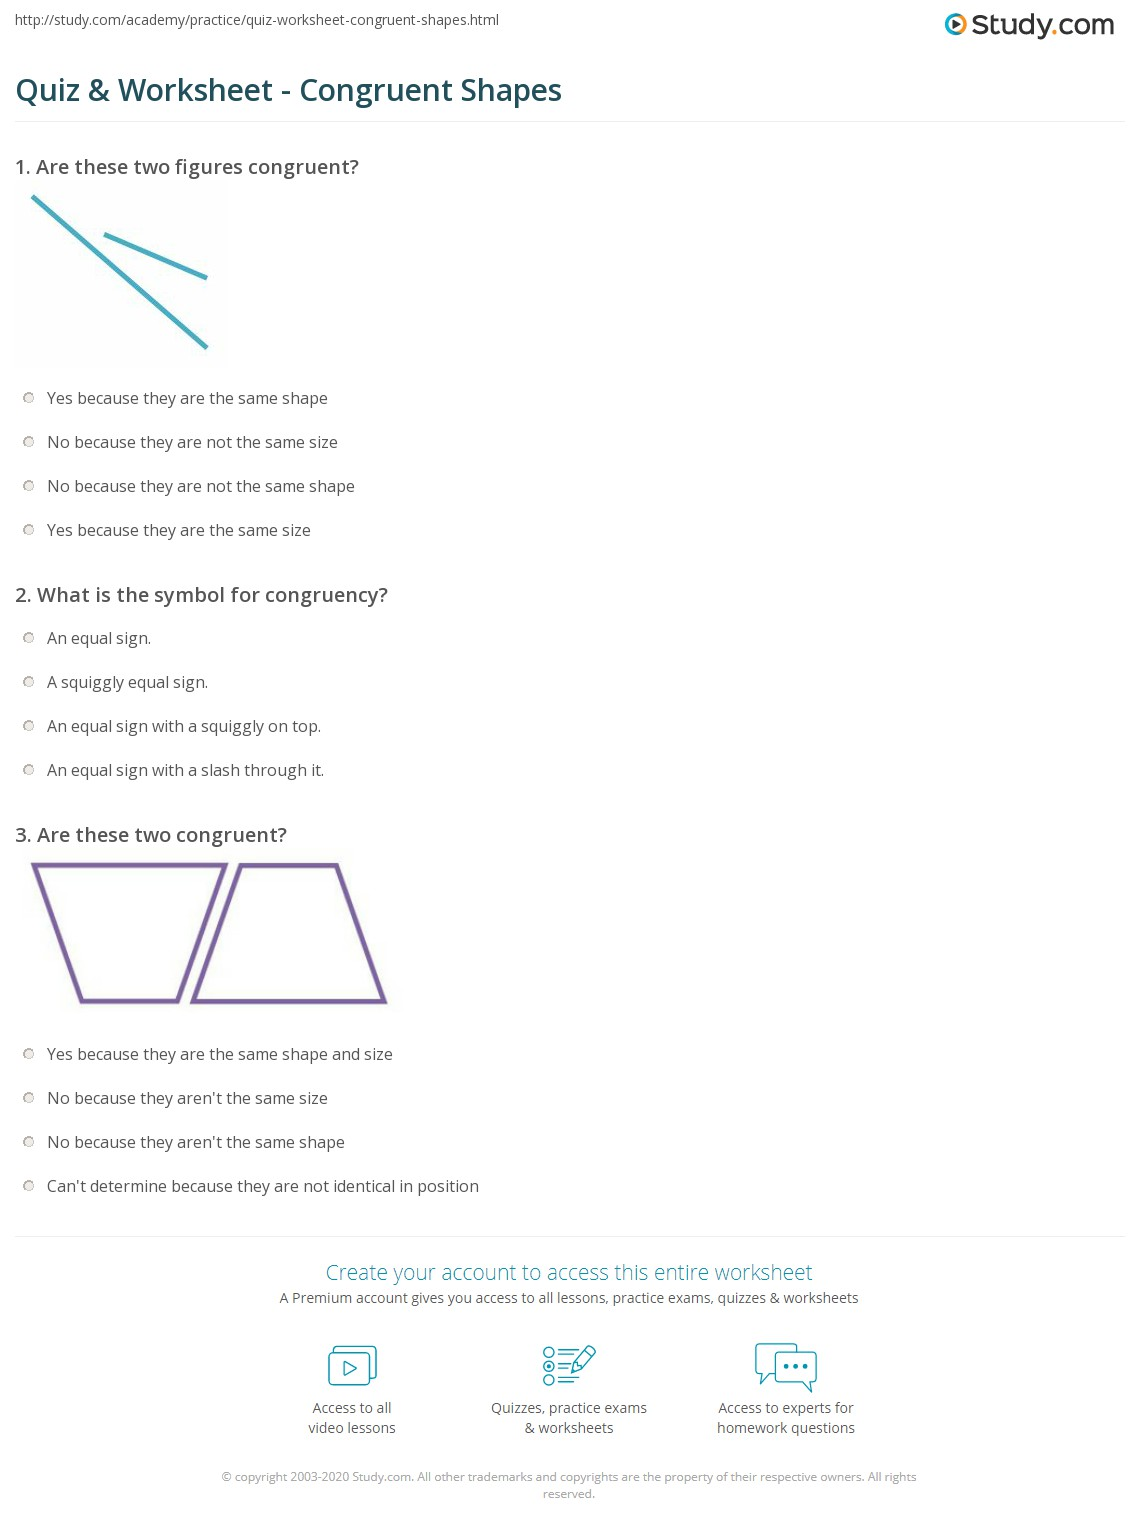 Quiz Worksheet Congruent Shapes Study Com